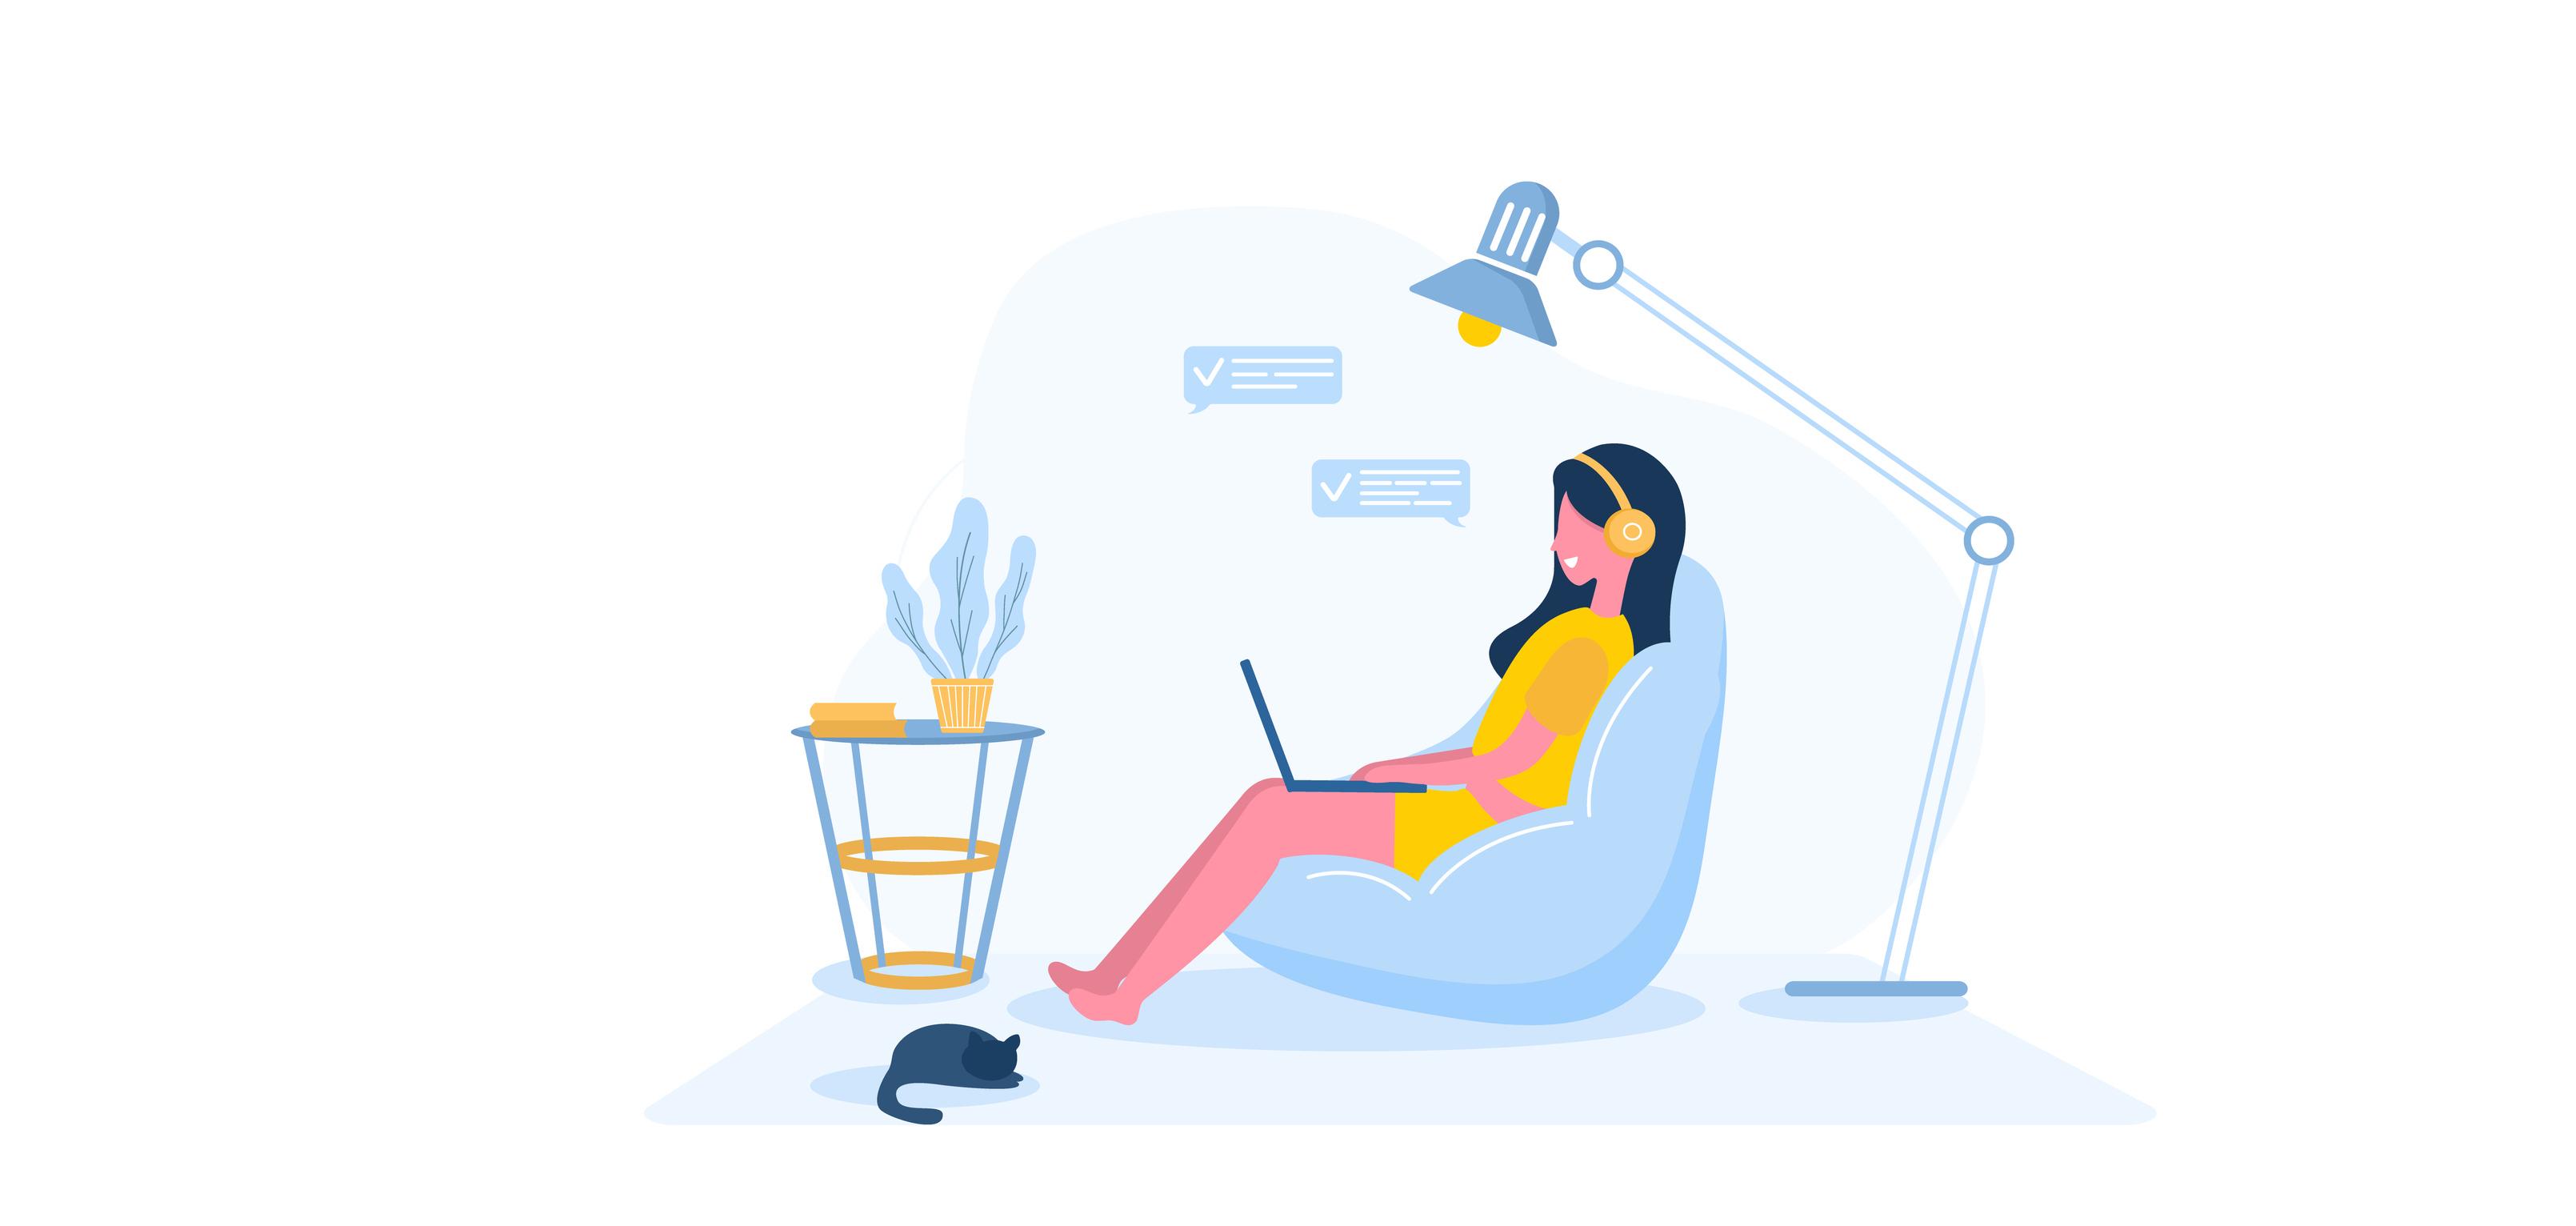 Удаленный год: как компании уходили в онлайн, справлялись с трудностями и «болтали у кулера» не выходя из дома